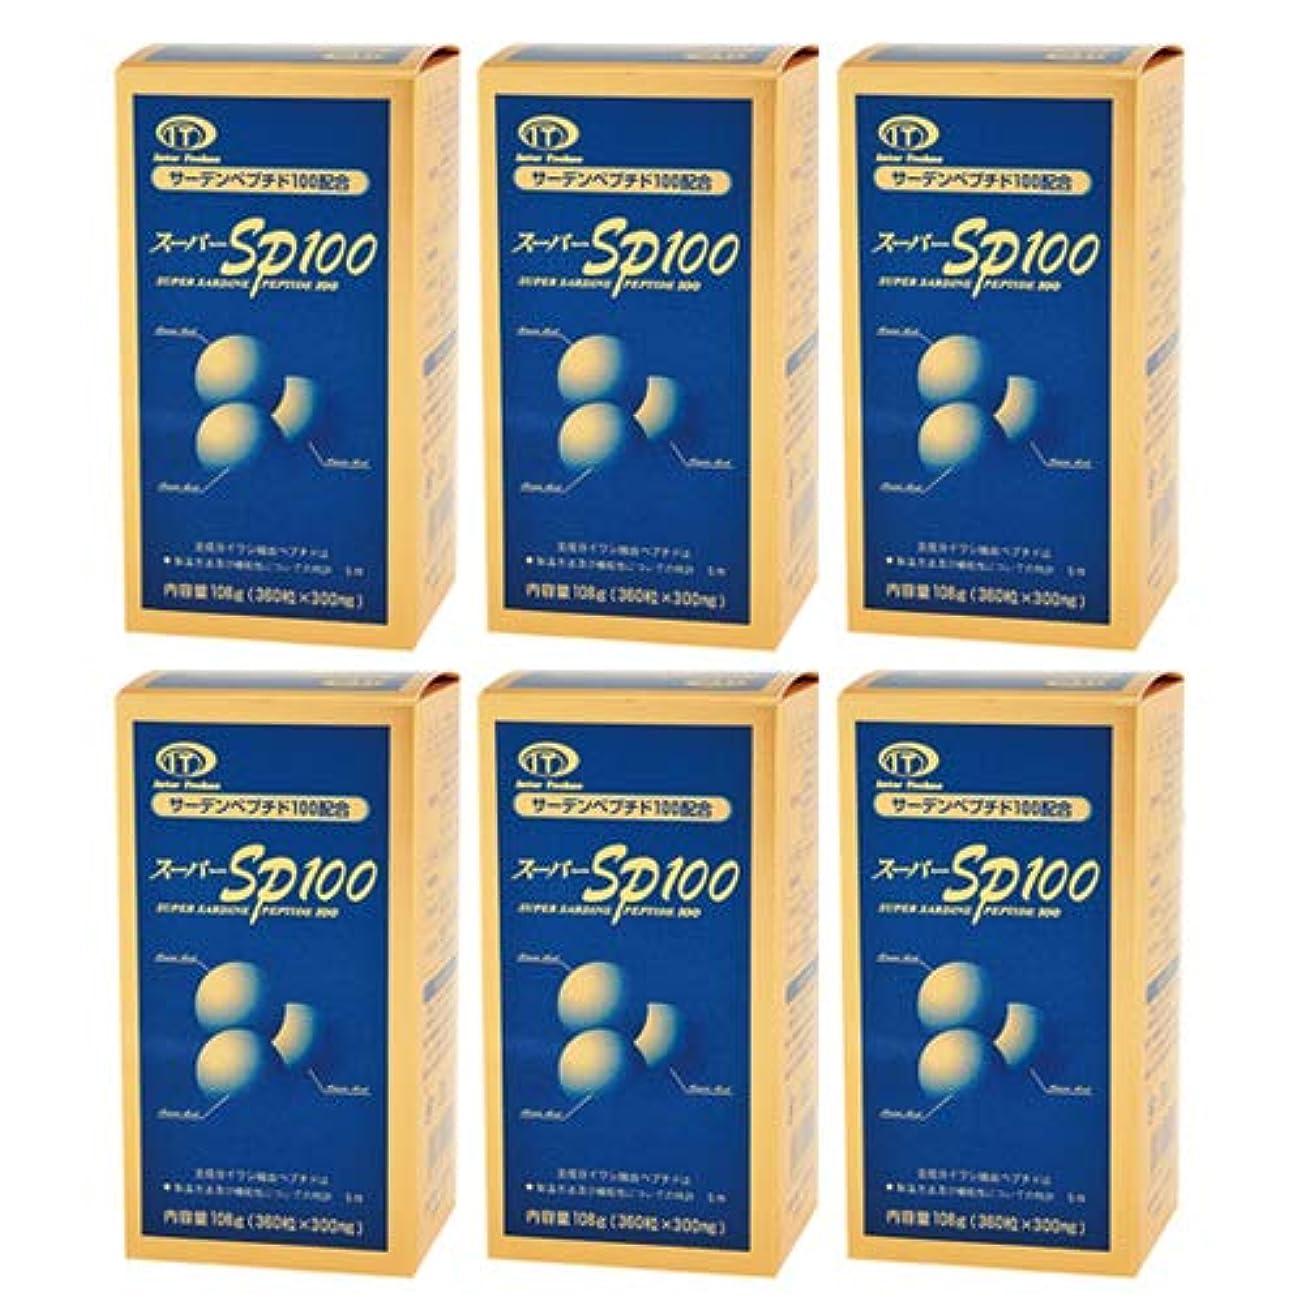 キノコパートナーミリメートルスーパーSP100(イワシペプチド)(360粒) 6箱